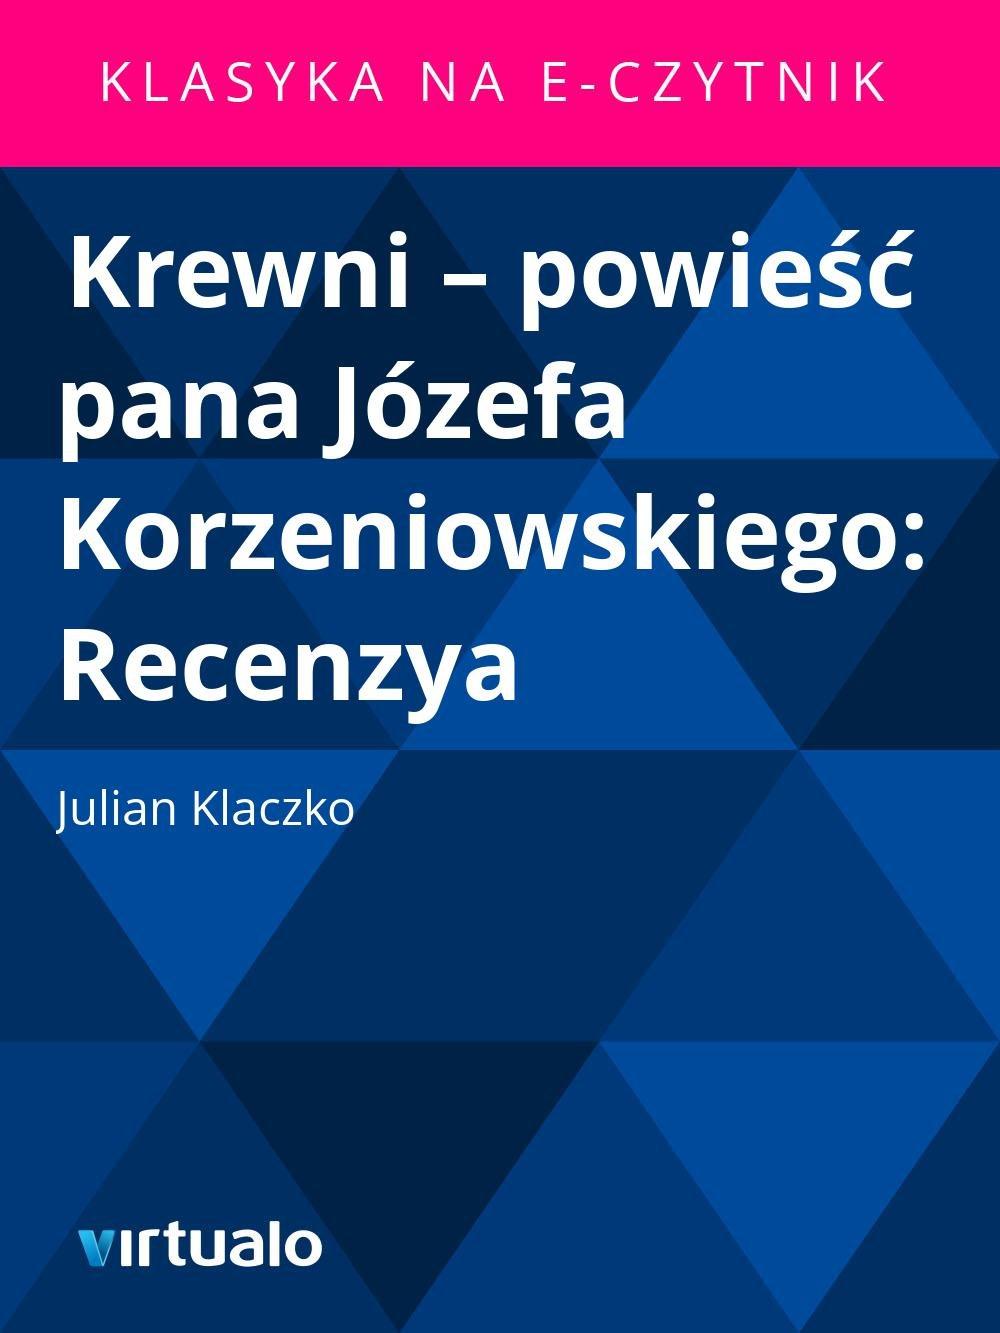 Krewni – powieść pana Józefa Korzeniowskiego: Recenzya - Ebook (Książka EPUB) do pobrania w formacie EPUB